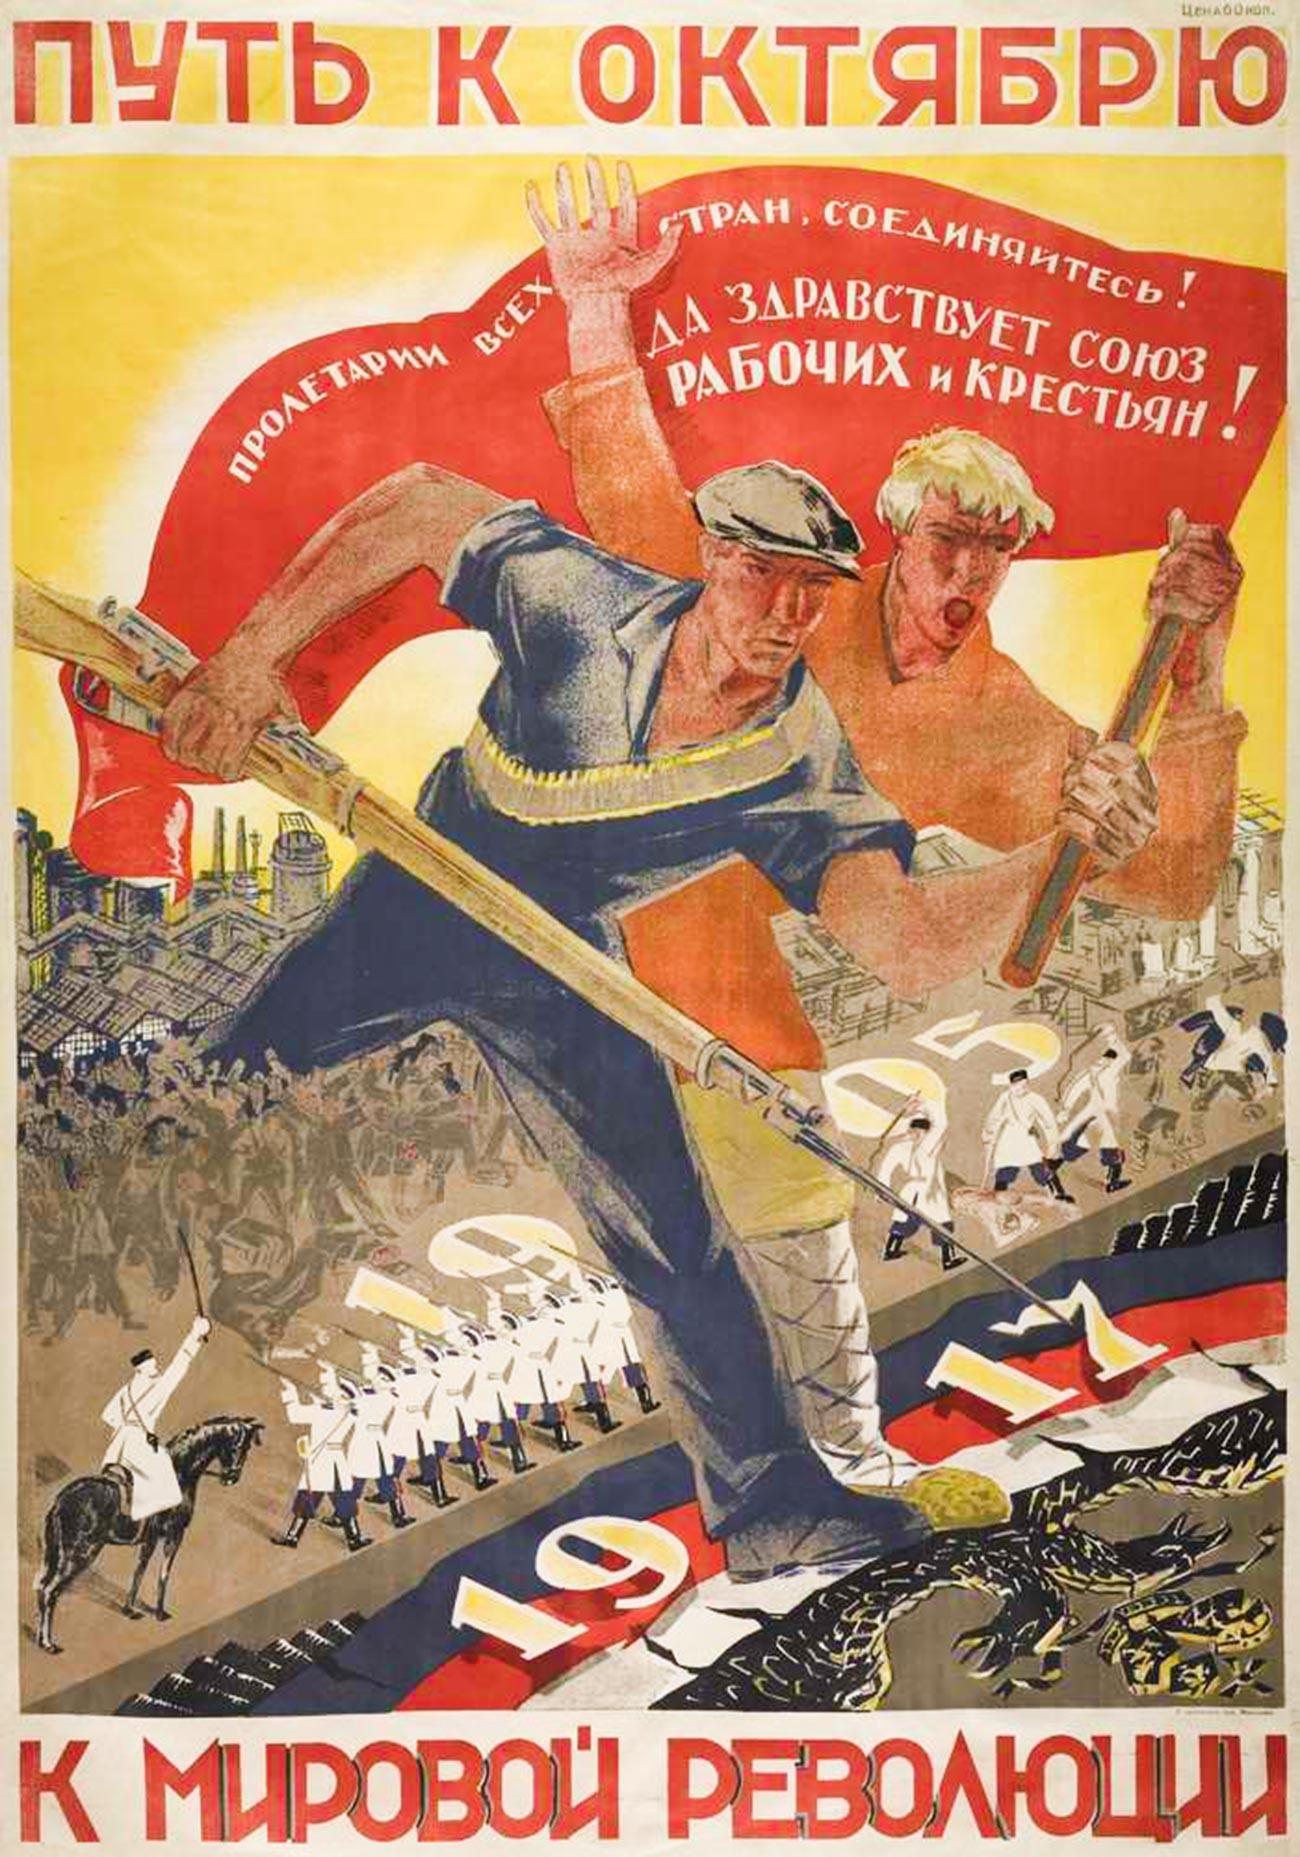 Der Weg zum Oktober. Proletarier aller Länder, vereinigt euch! Es lebe die Vereinigung von Arbeiter und Bauern! Auf dem Weg zu einer globalen Revolution.